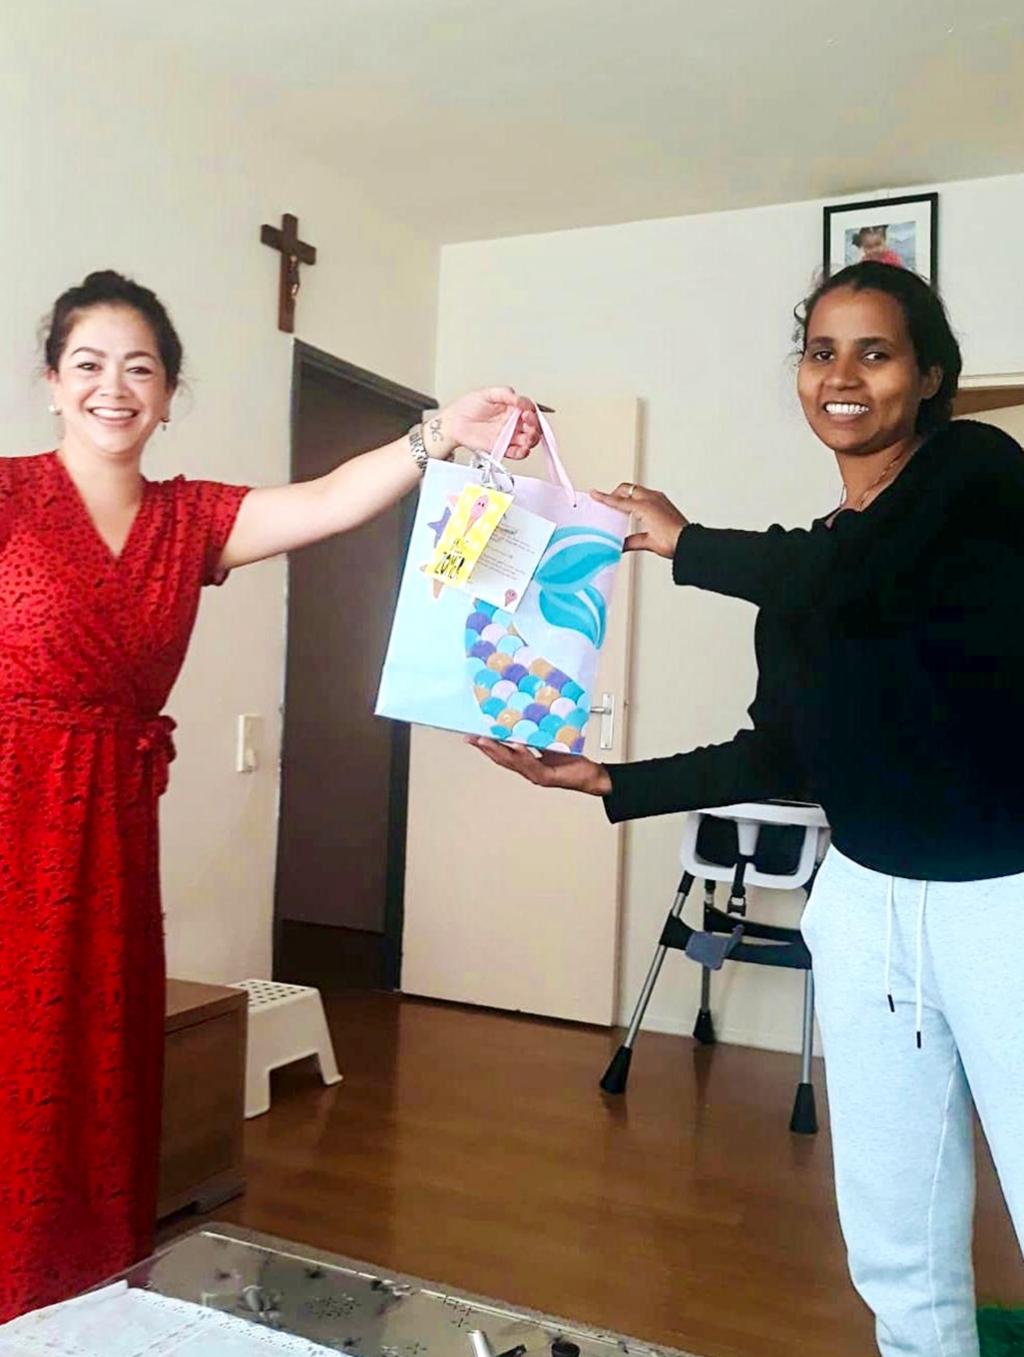 Vera Schakel, coordinator Home Start overhandigt een verrassingspakketje aan deelnemende gezinnen. Foto: Yunio Communciatie